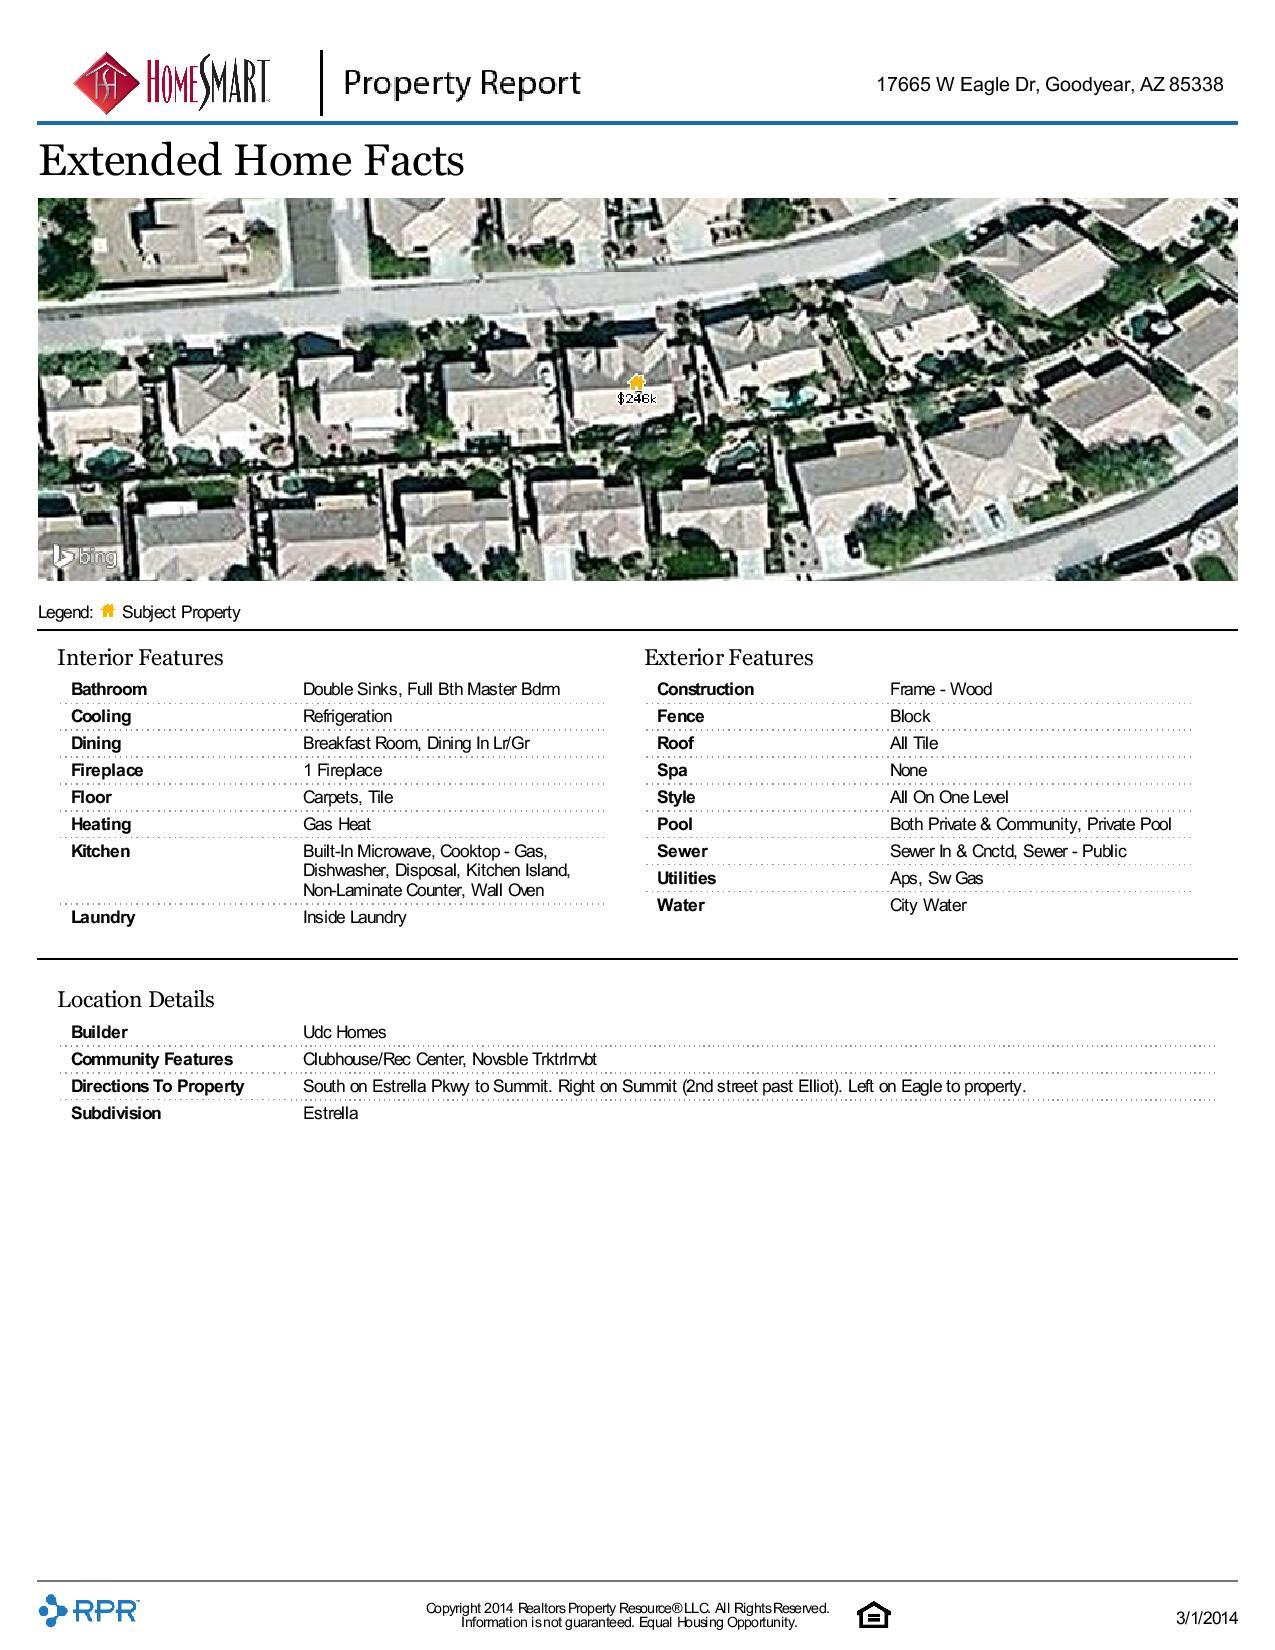 17665-W-Eagle-Dr-Goodyear-AZ-85338-page-004